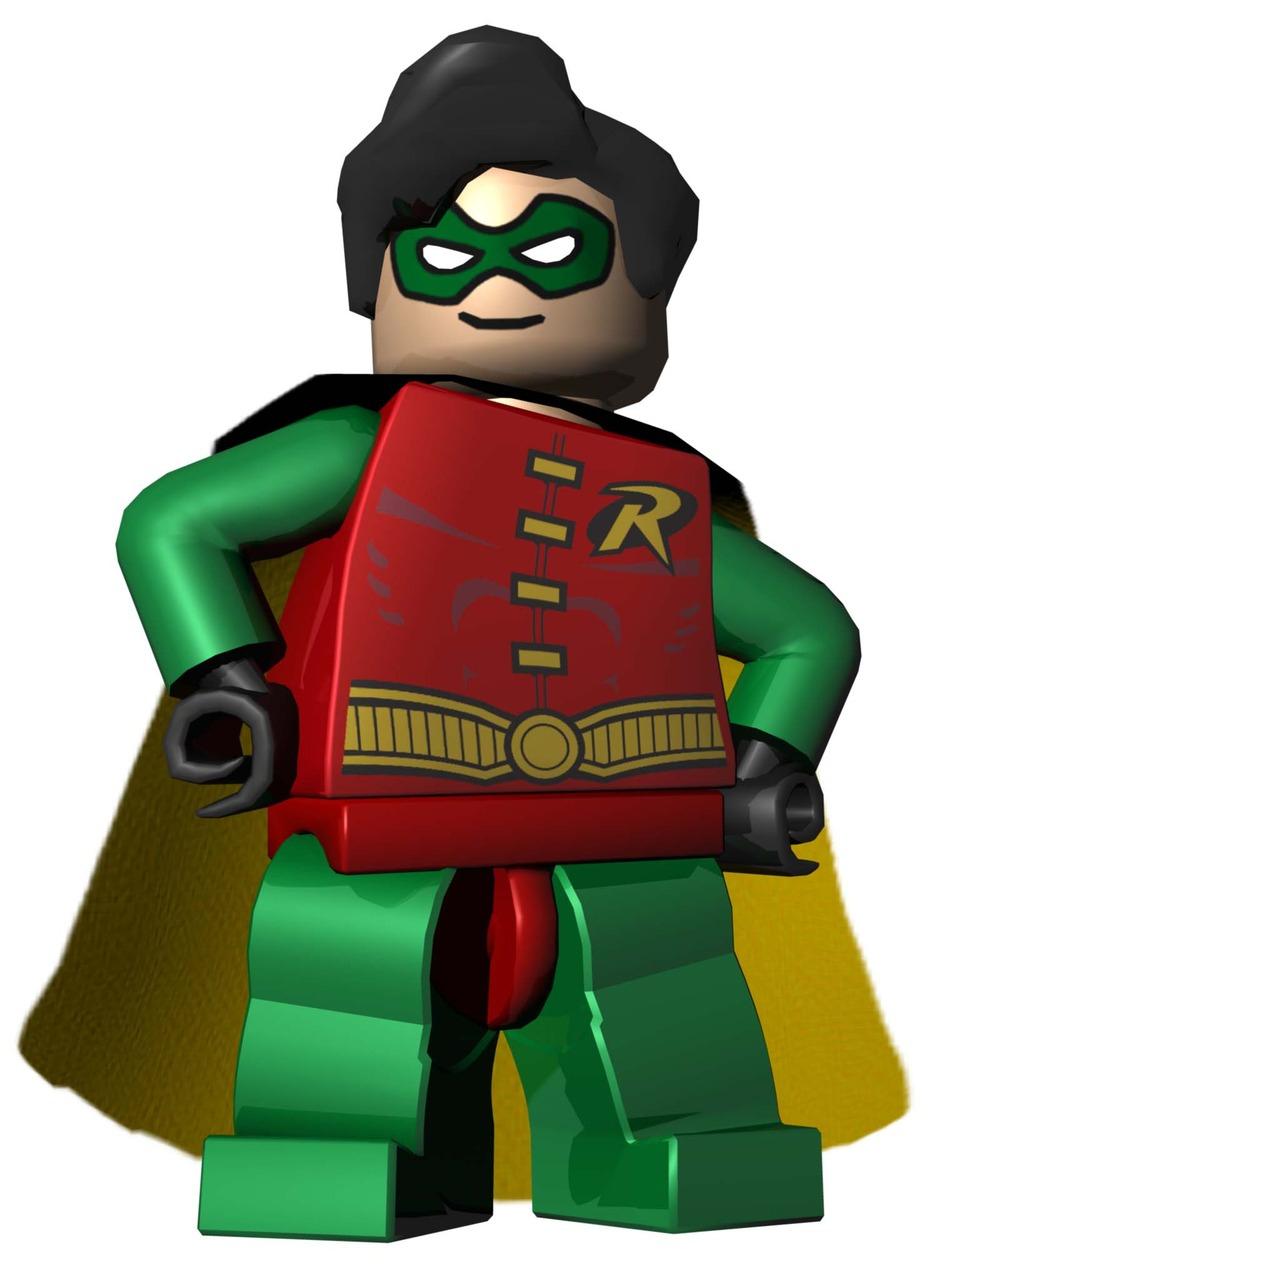 Lego Batman Clipart#2137248.